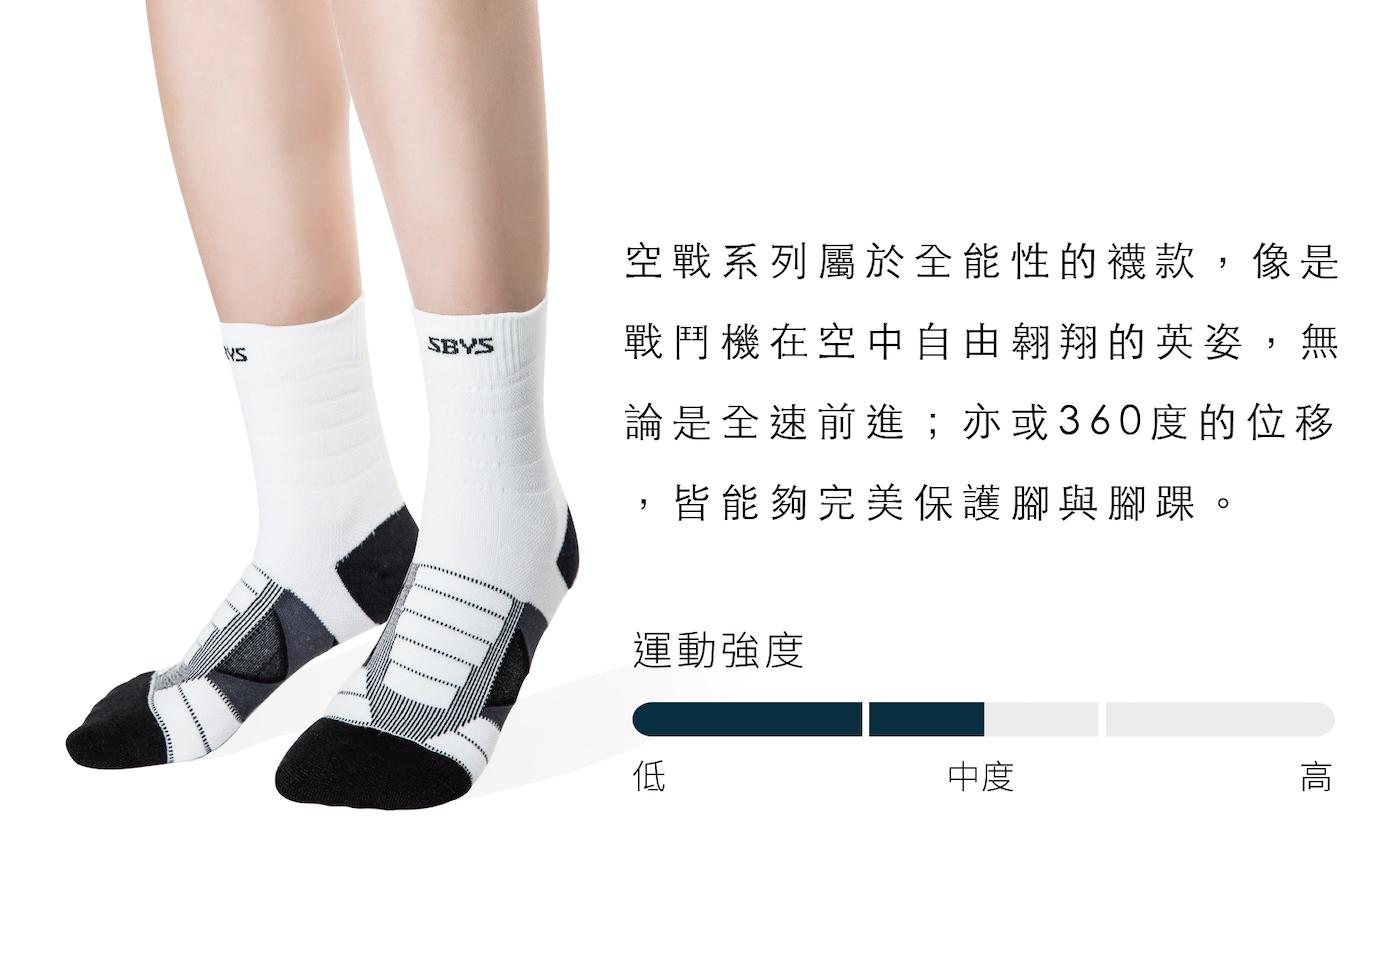 運動襪旗艦版,中高強度運動適用,全方位保護適合所有運動穿著